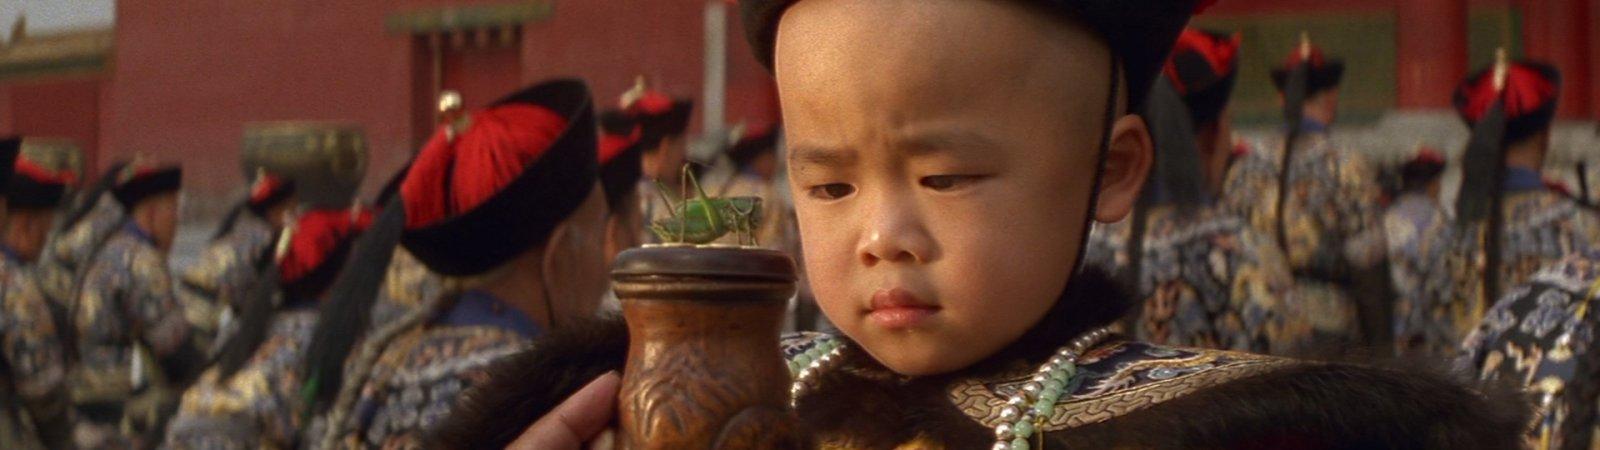 Photo du film : Le dernier empereur